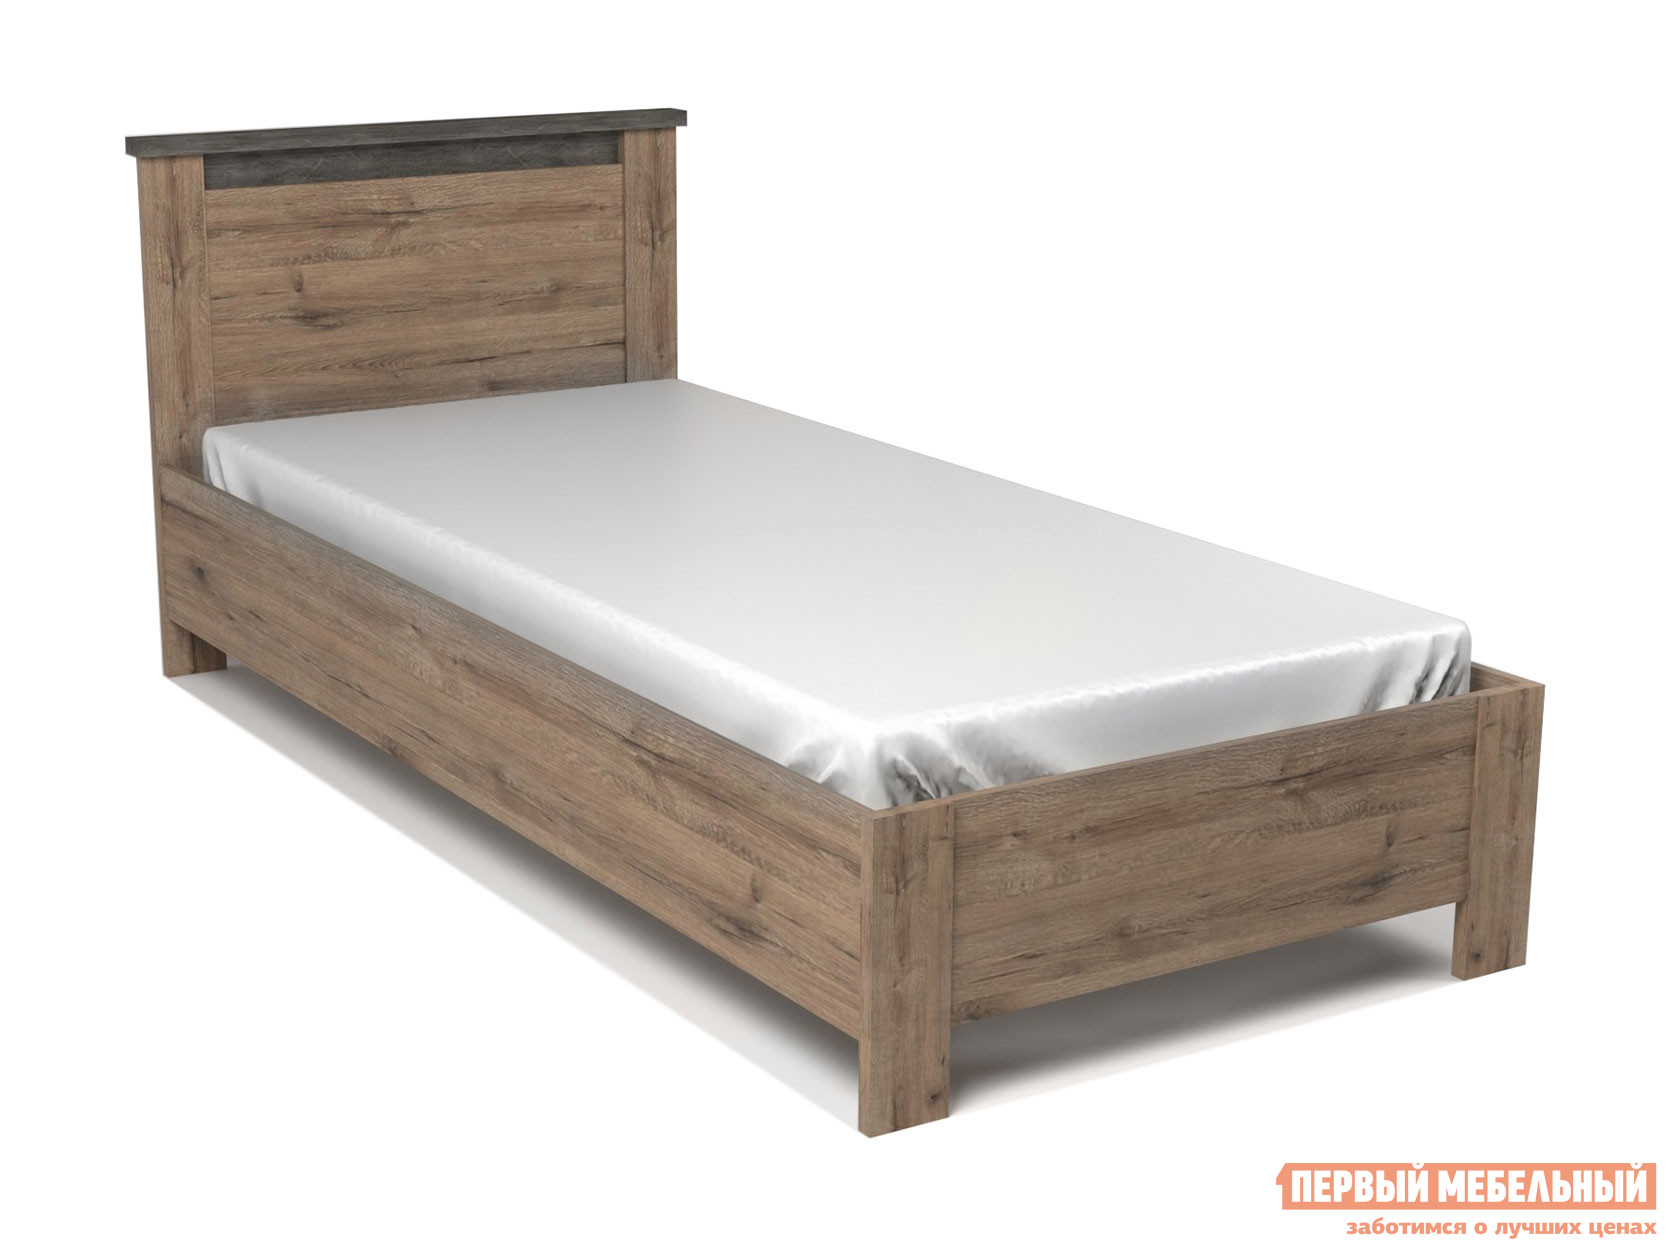 Односпальная кровать  Кровать Денвер 90х200 Дуб веллингтон / Камень темный, С основанием — Кровать Денвер 90х200 Дуб веллингтон / Камень темный, С основанием